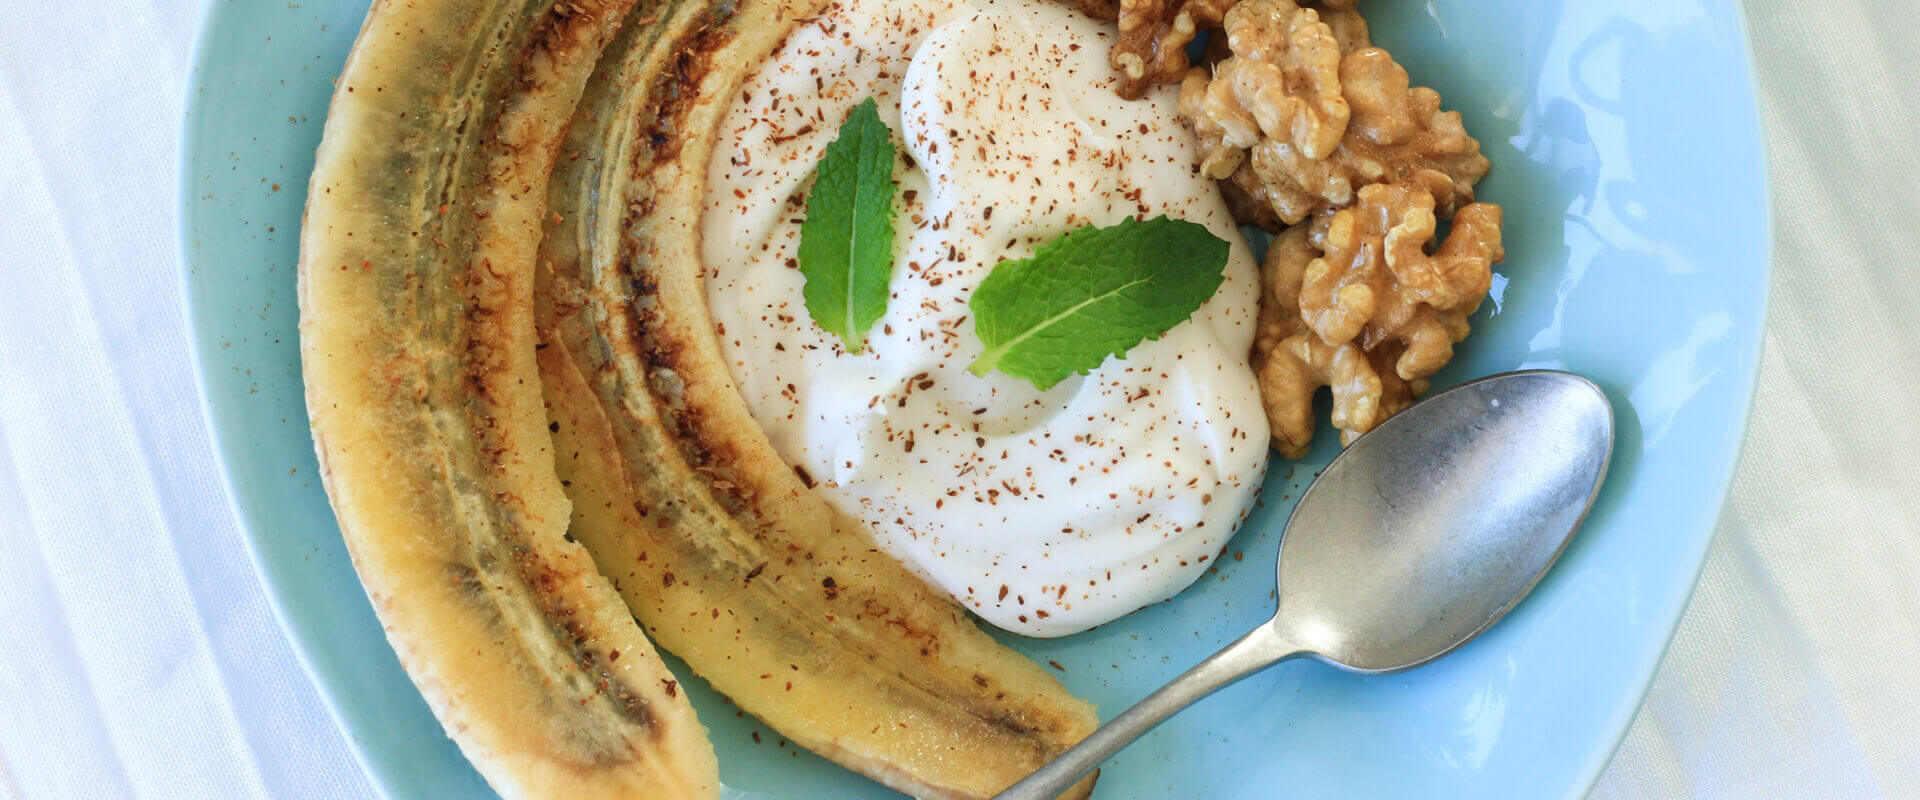 Bratbanane mit Joghurt und Nüssen